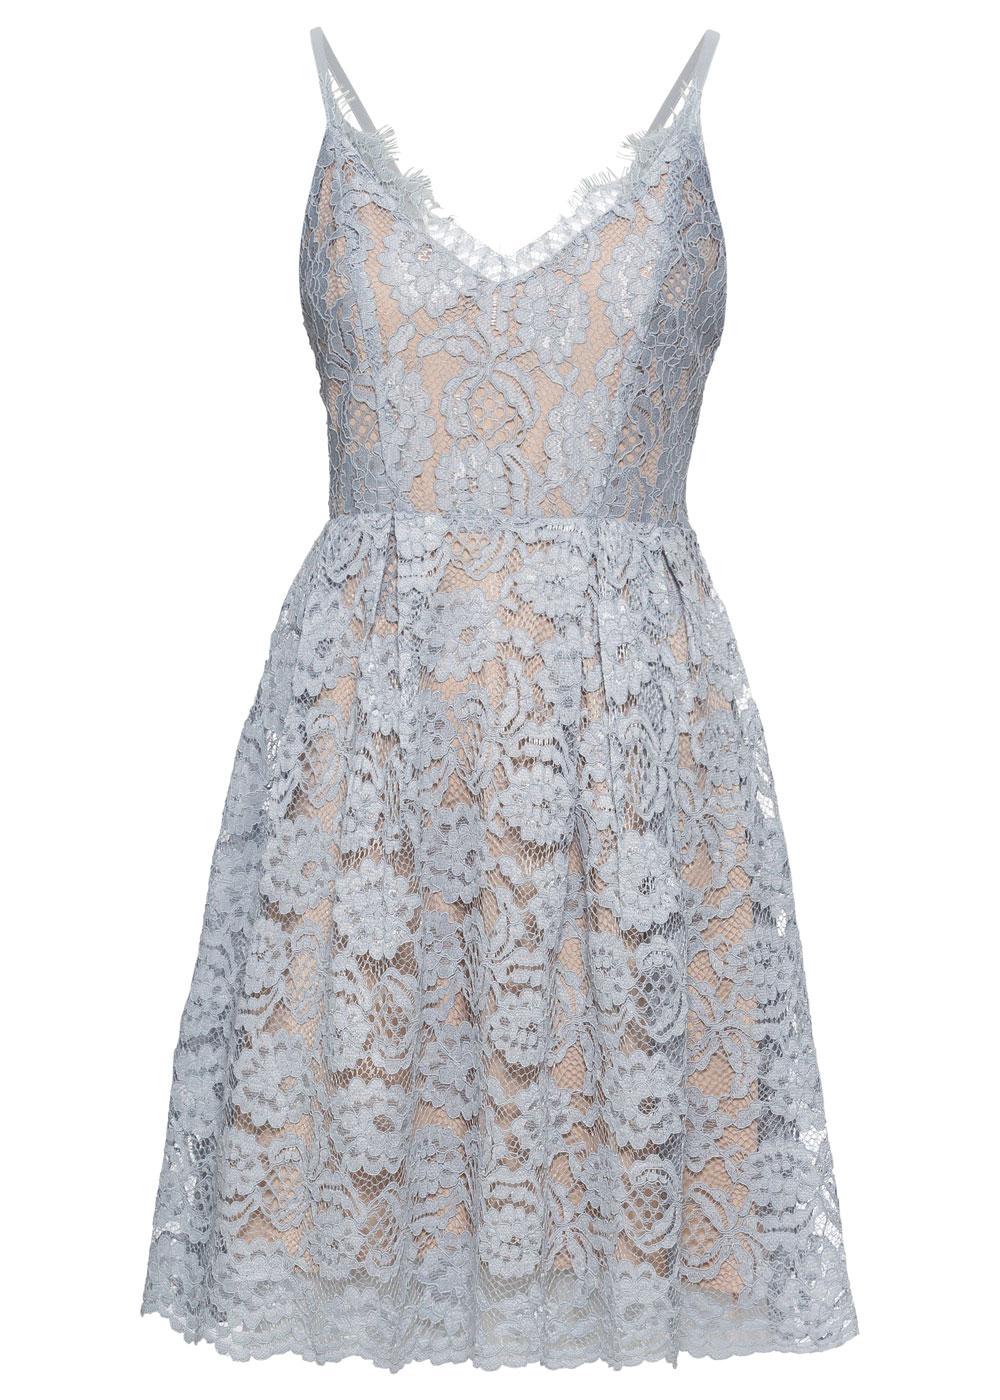 Bonprix Pale Blue Lace Shell Dress, £36.99/AED165.77